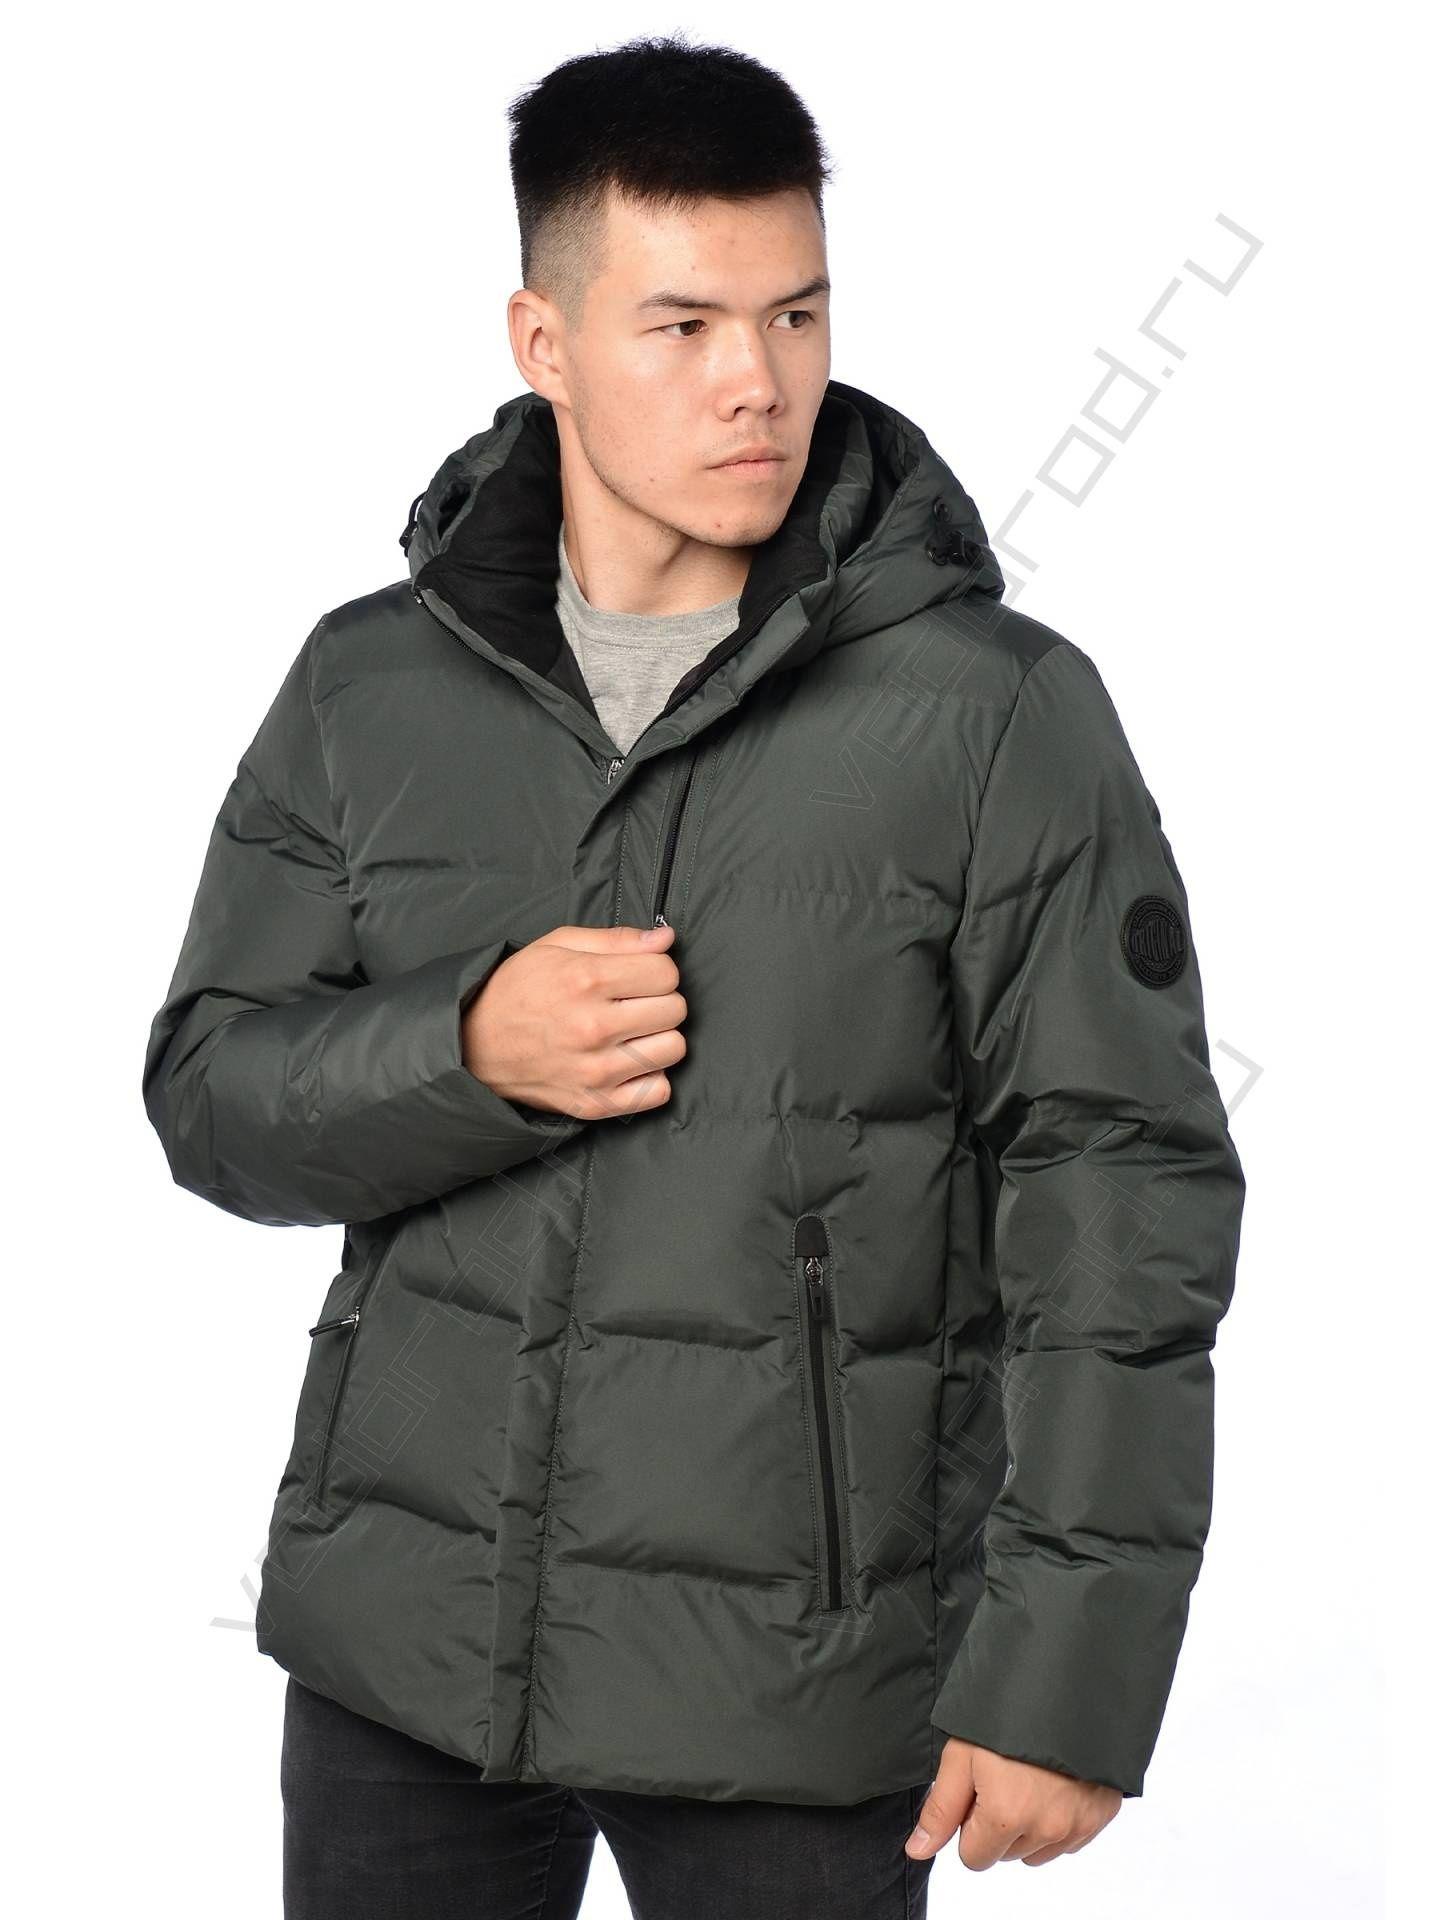 Зимняя куртка мужская, Kasadun 19204